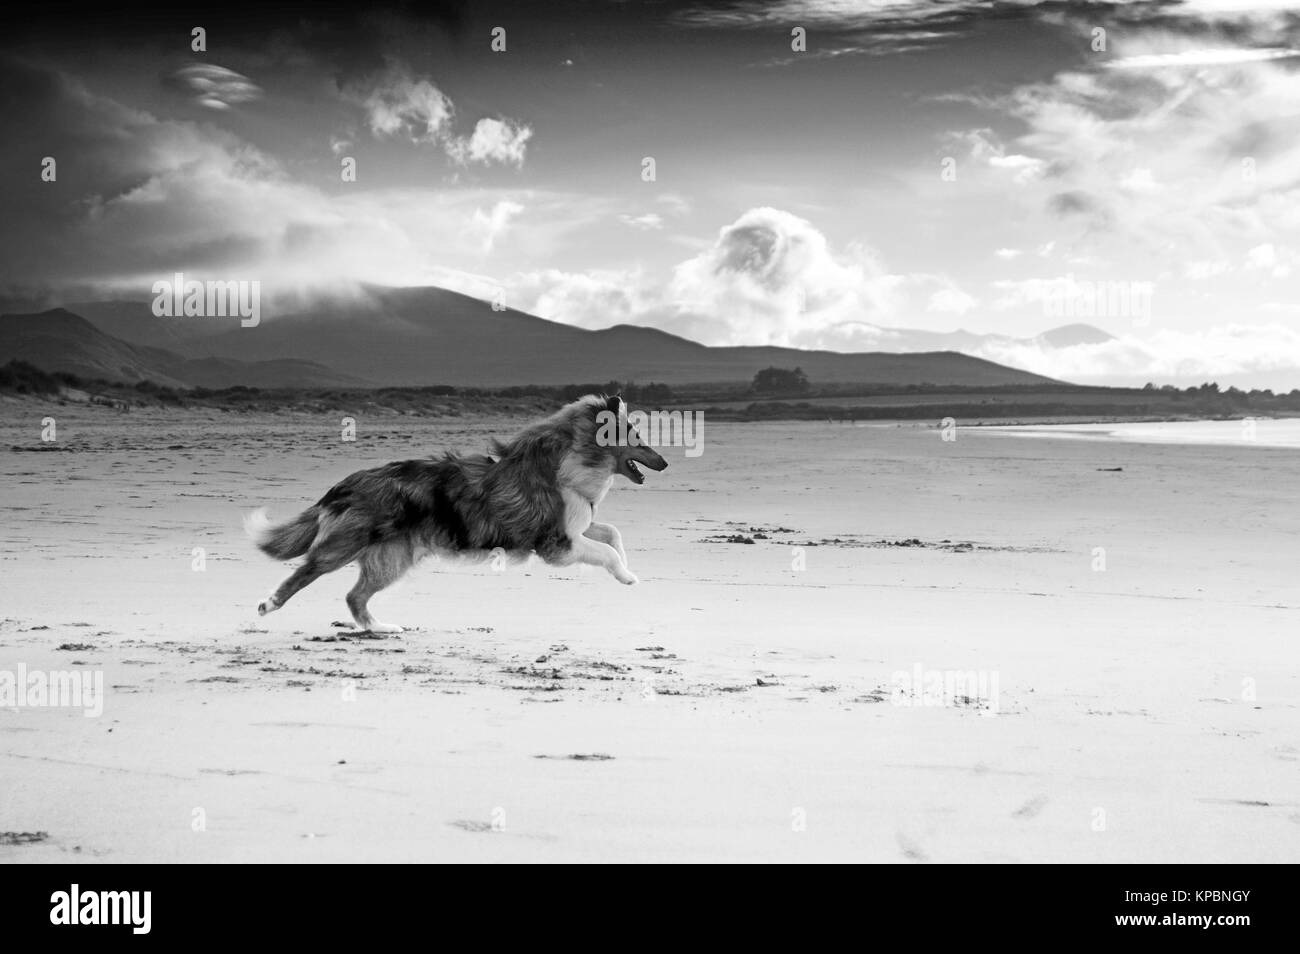 Rough collie Hund entlang Strand in Dingle, Irland. Schwarz/Weiß-Bild mit Wolken über die Berge im Hintergrund. Stockbild